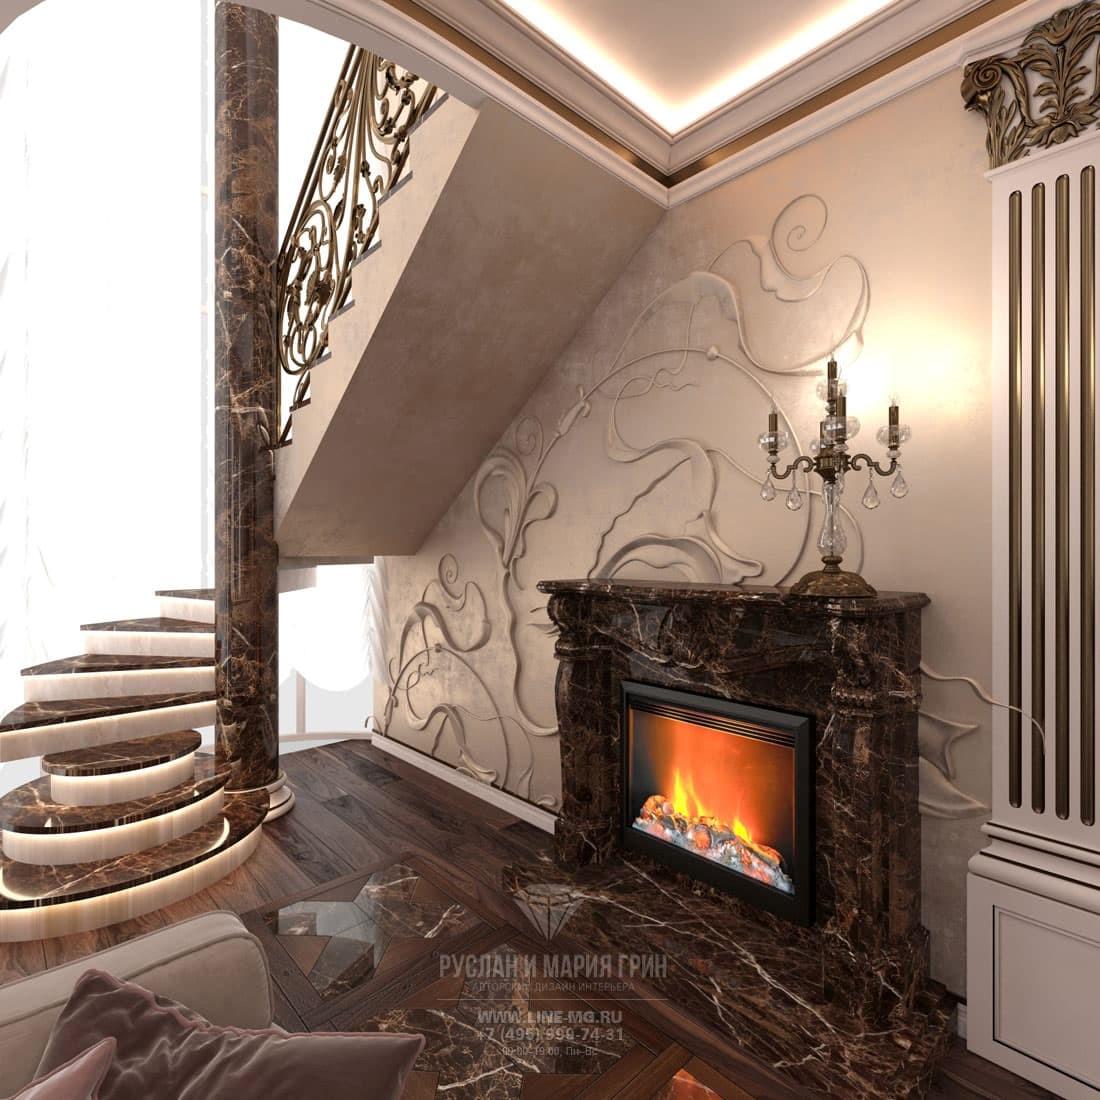 Интерьер гостиной в двухуровневой квартире с мраморным камином